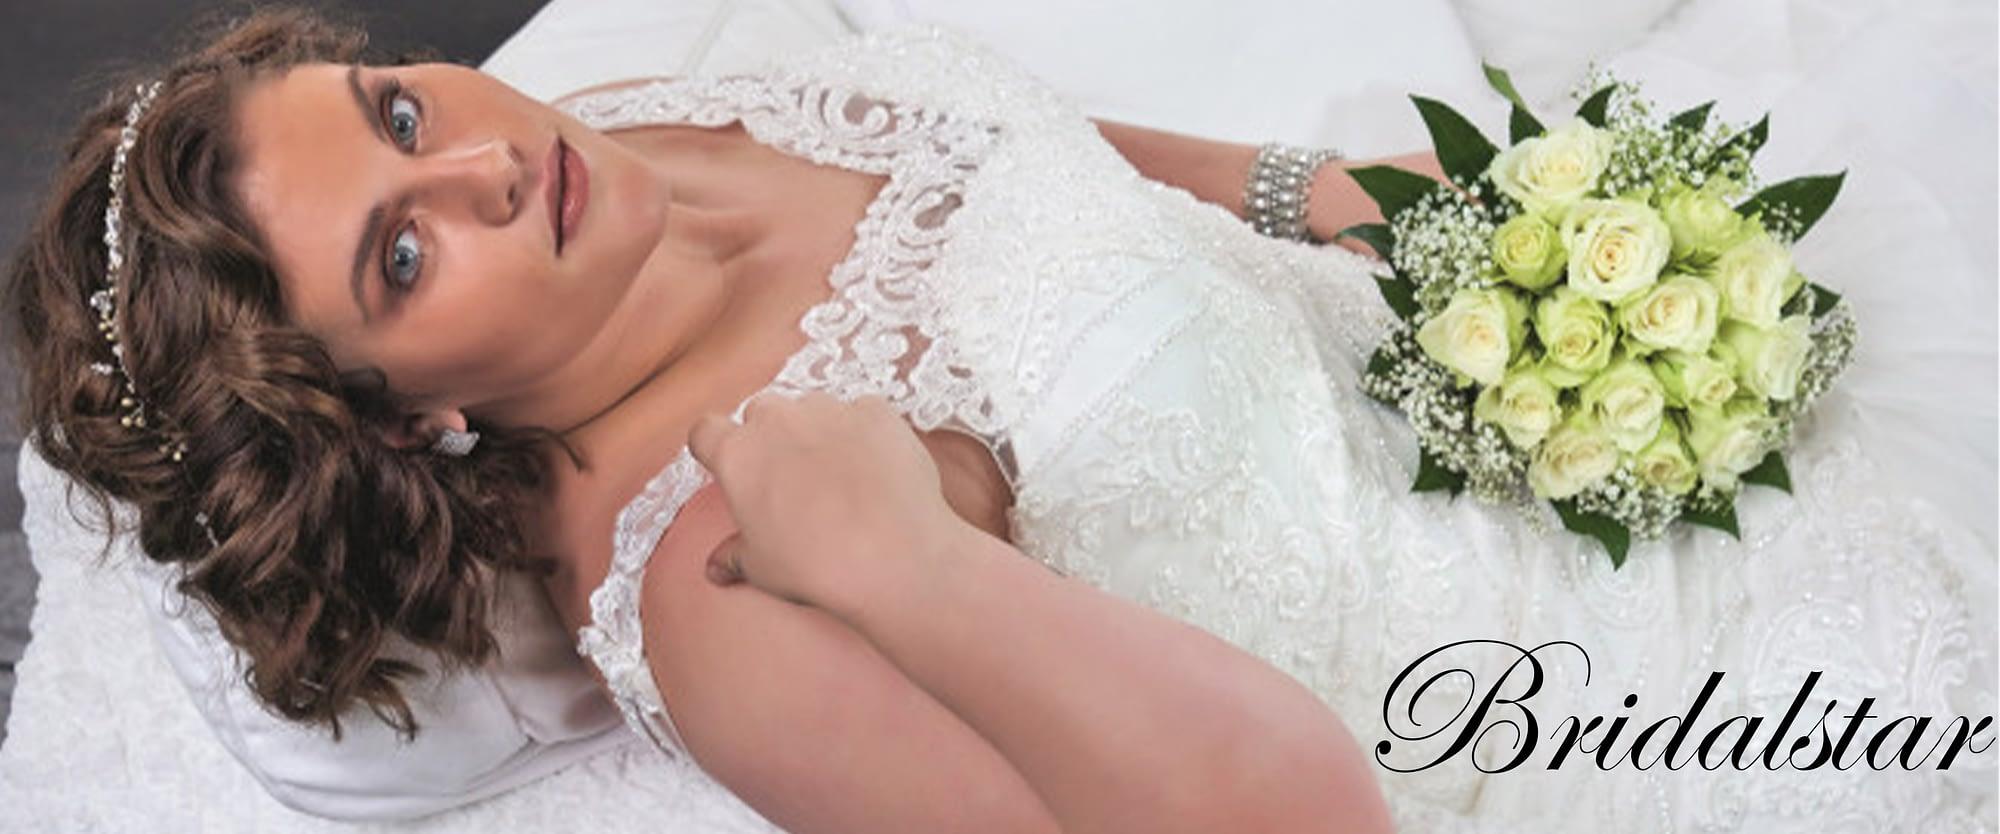 Bridalstar logo